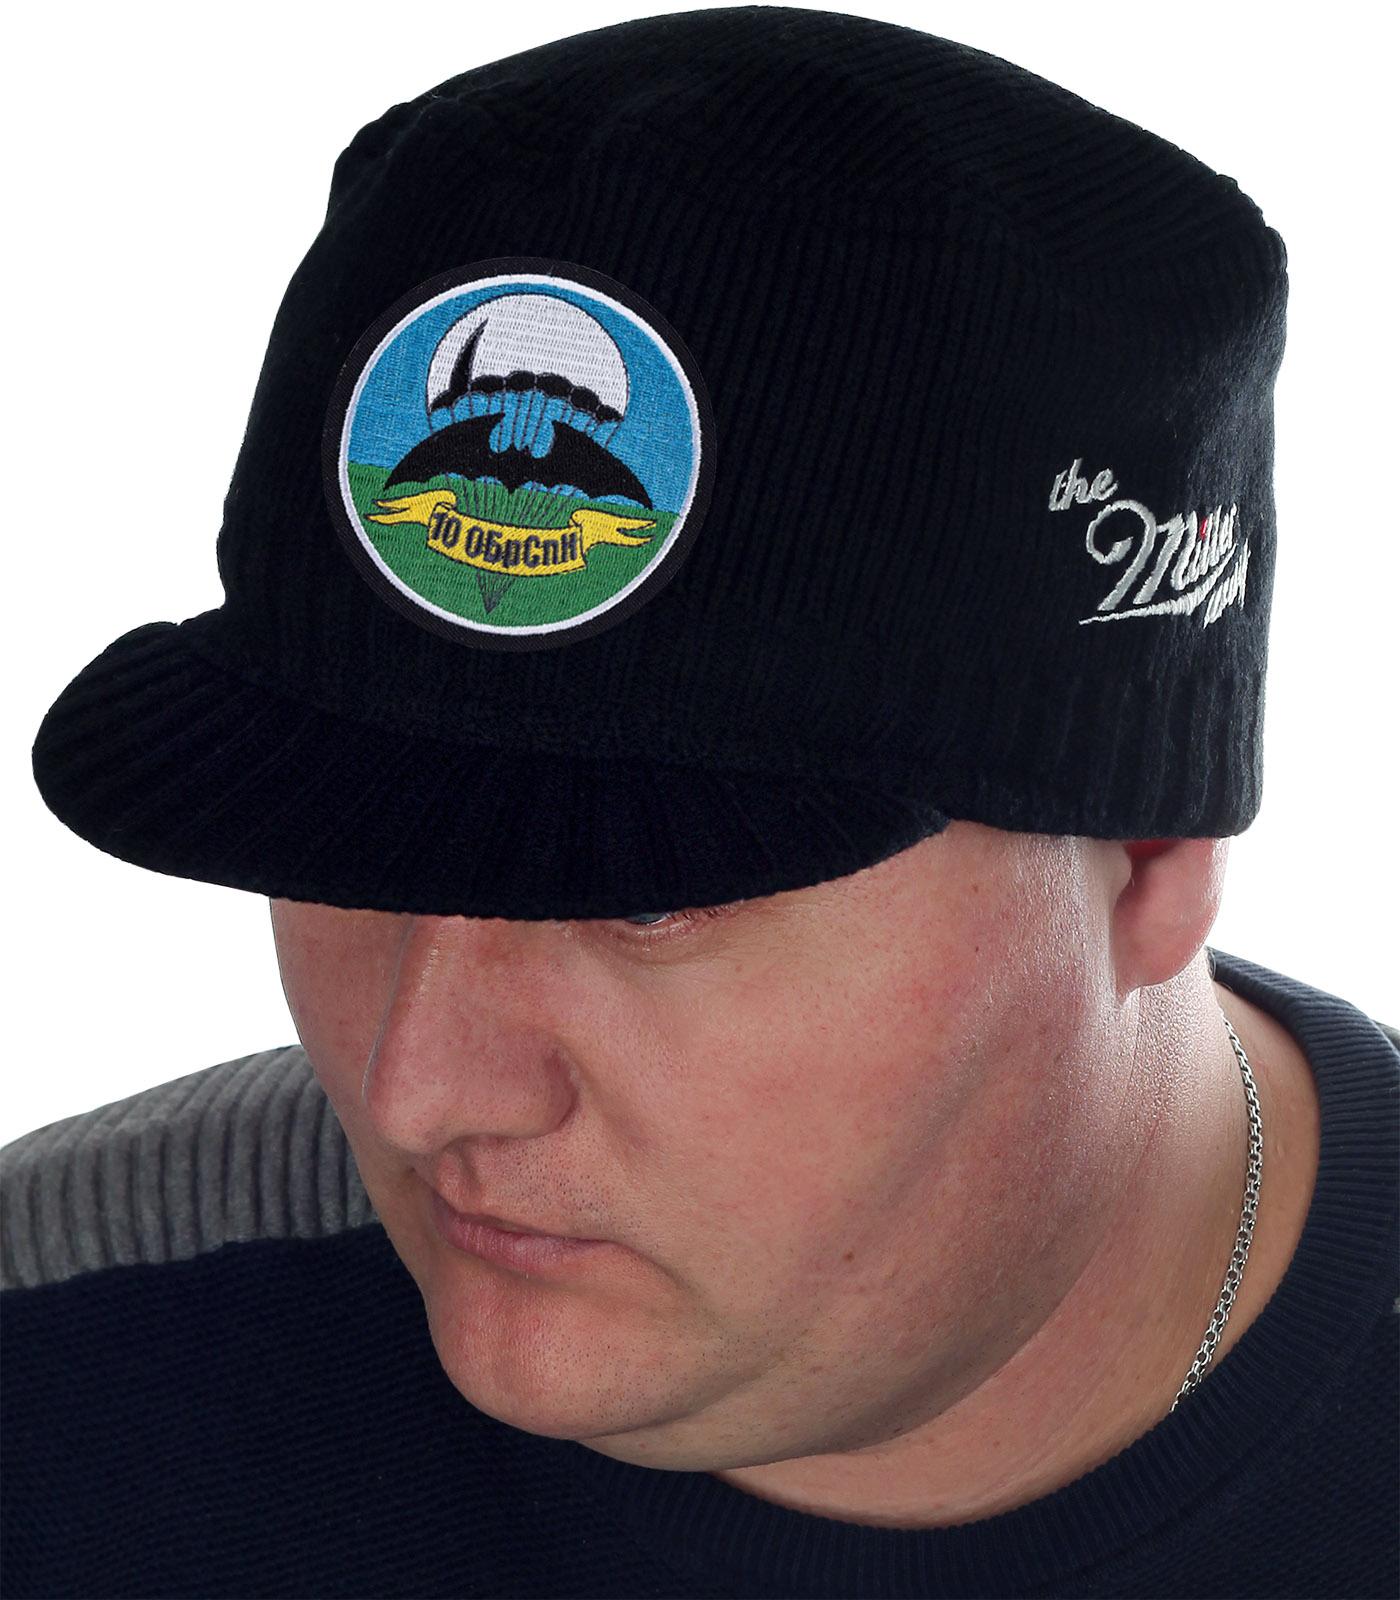 Демисезонная шапка-кепка Miller Way по выгодной цене